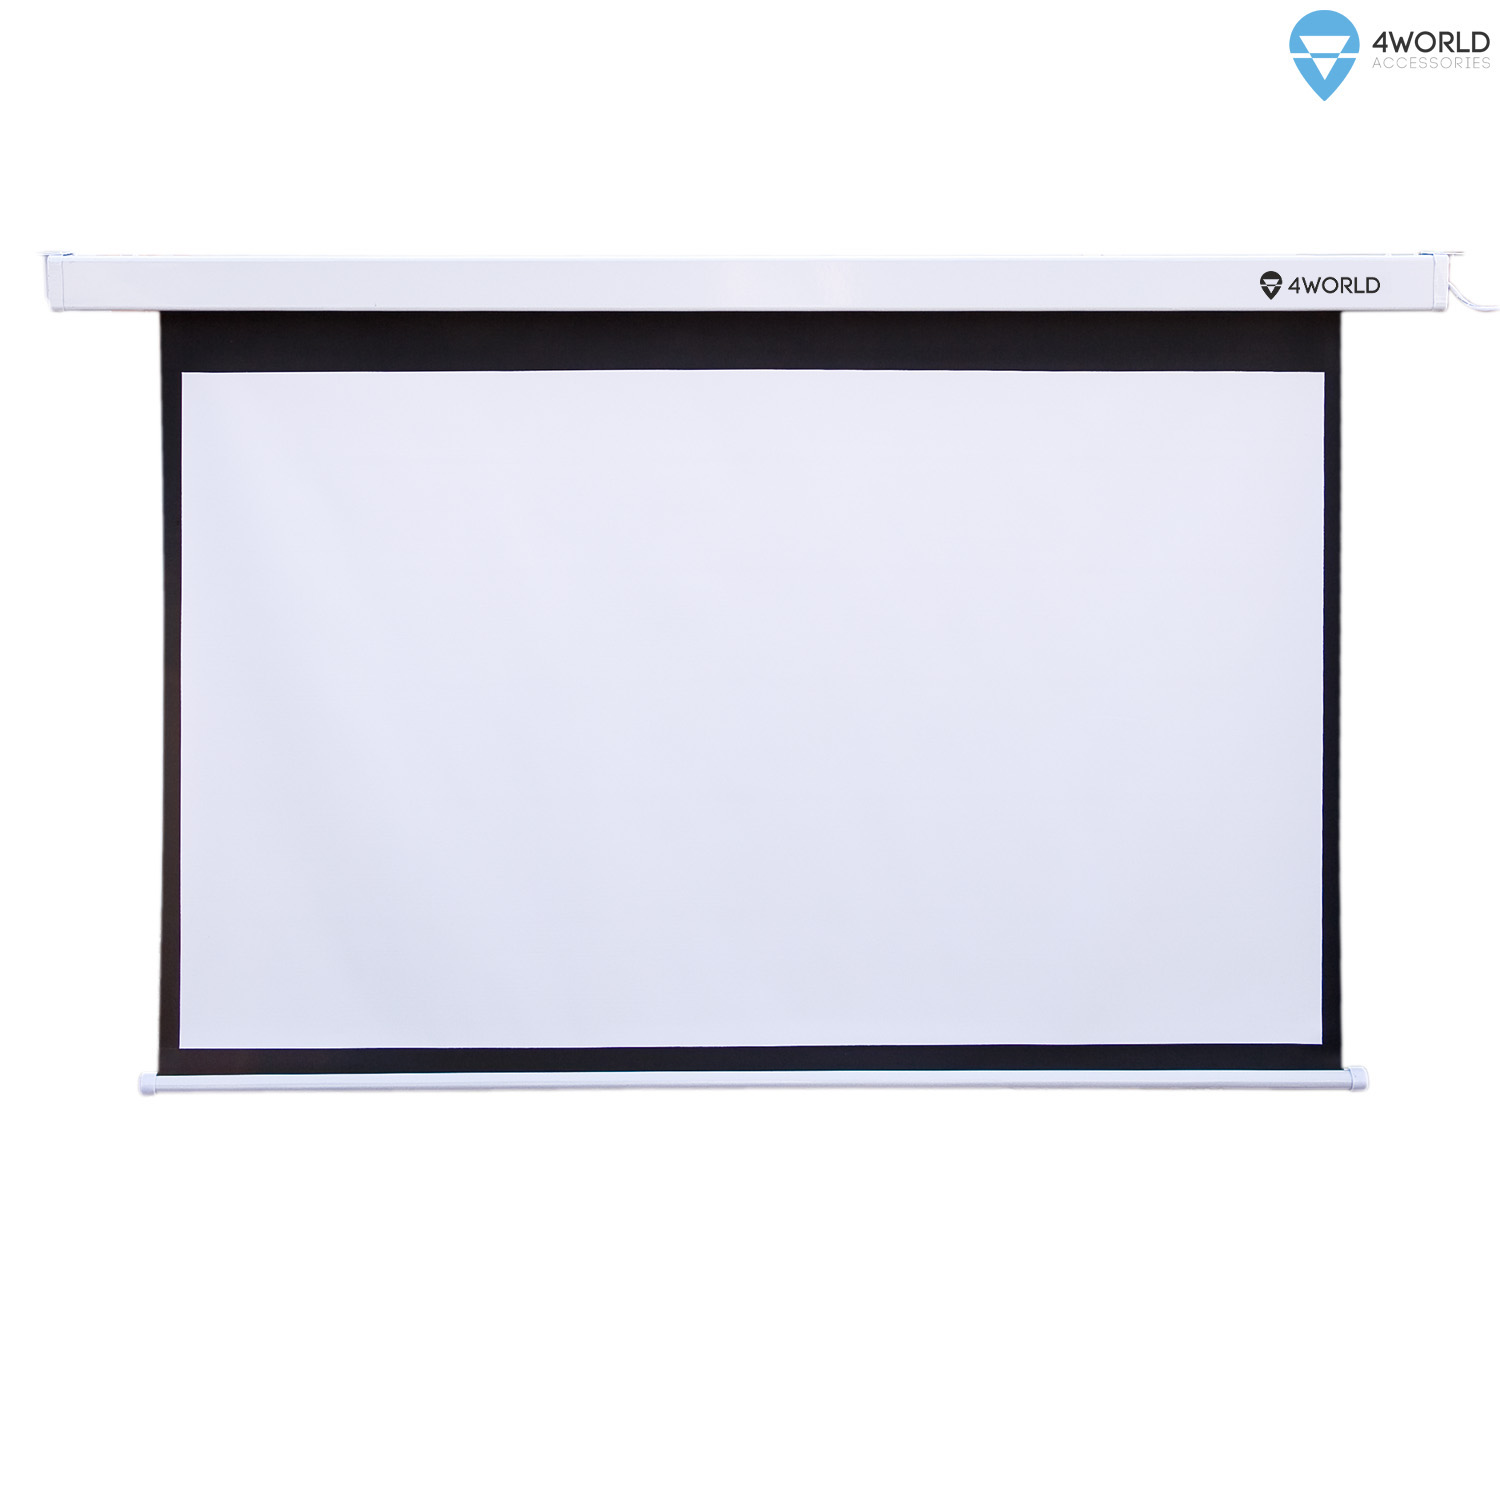 4World Projekční plátno manuální 203x114.5 92'' 16:9 - 10606